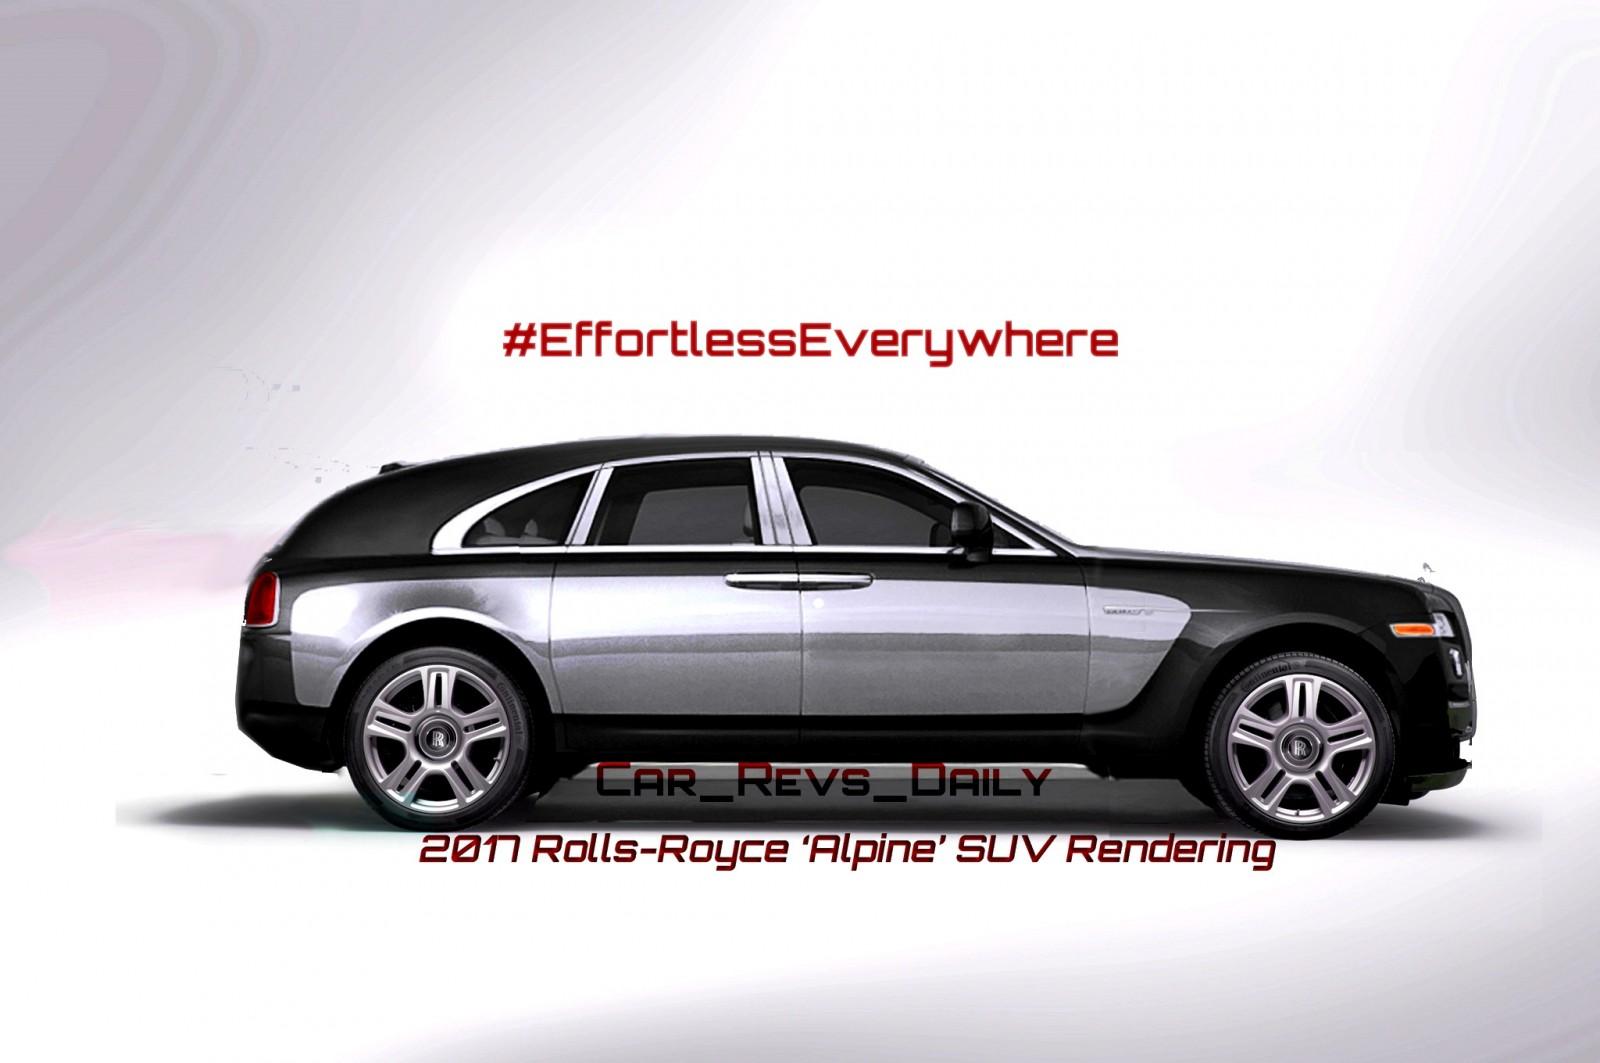 2017-rolls-royce-SUV-rendering